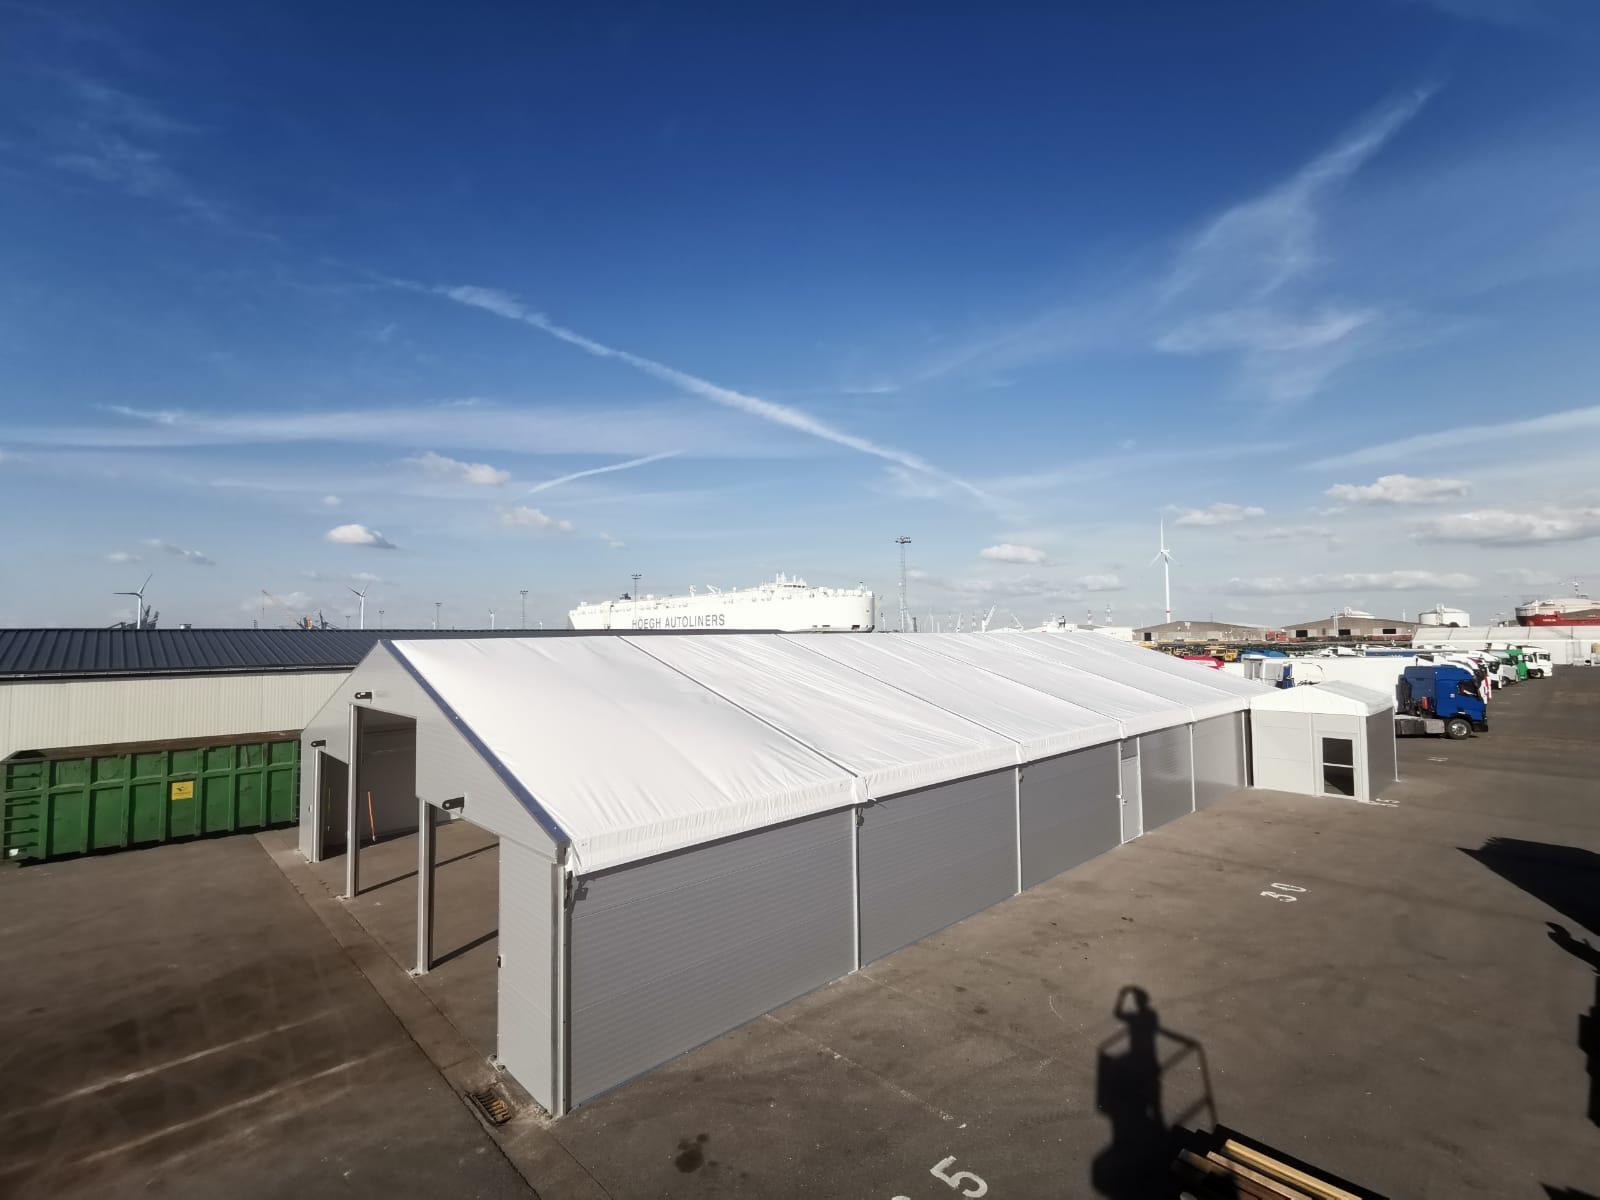 Tentconstructie EWS Antwerp